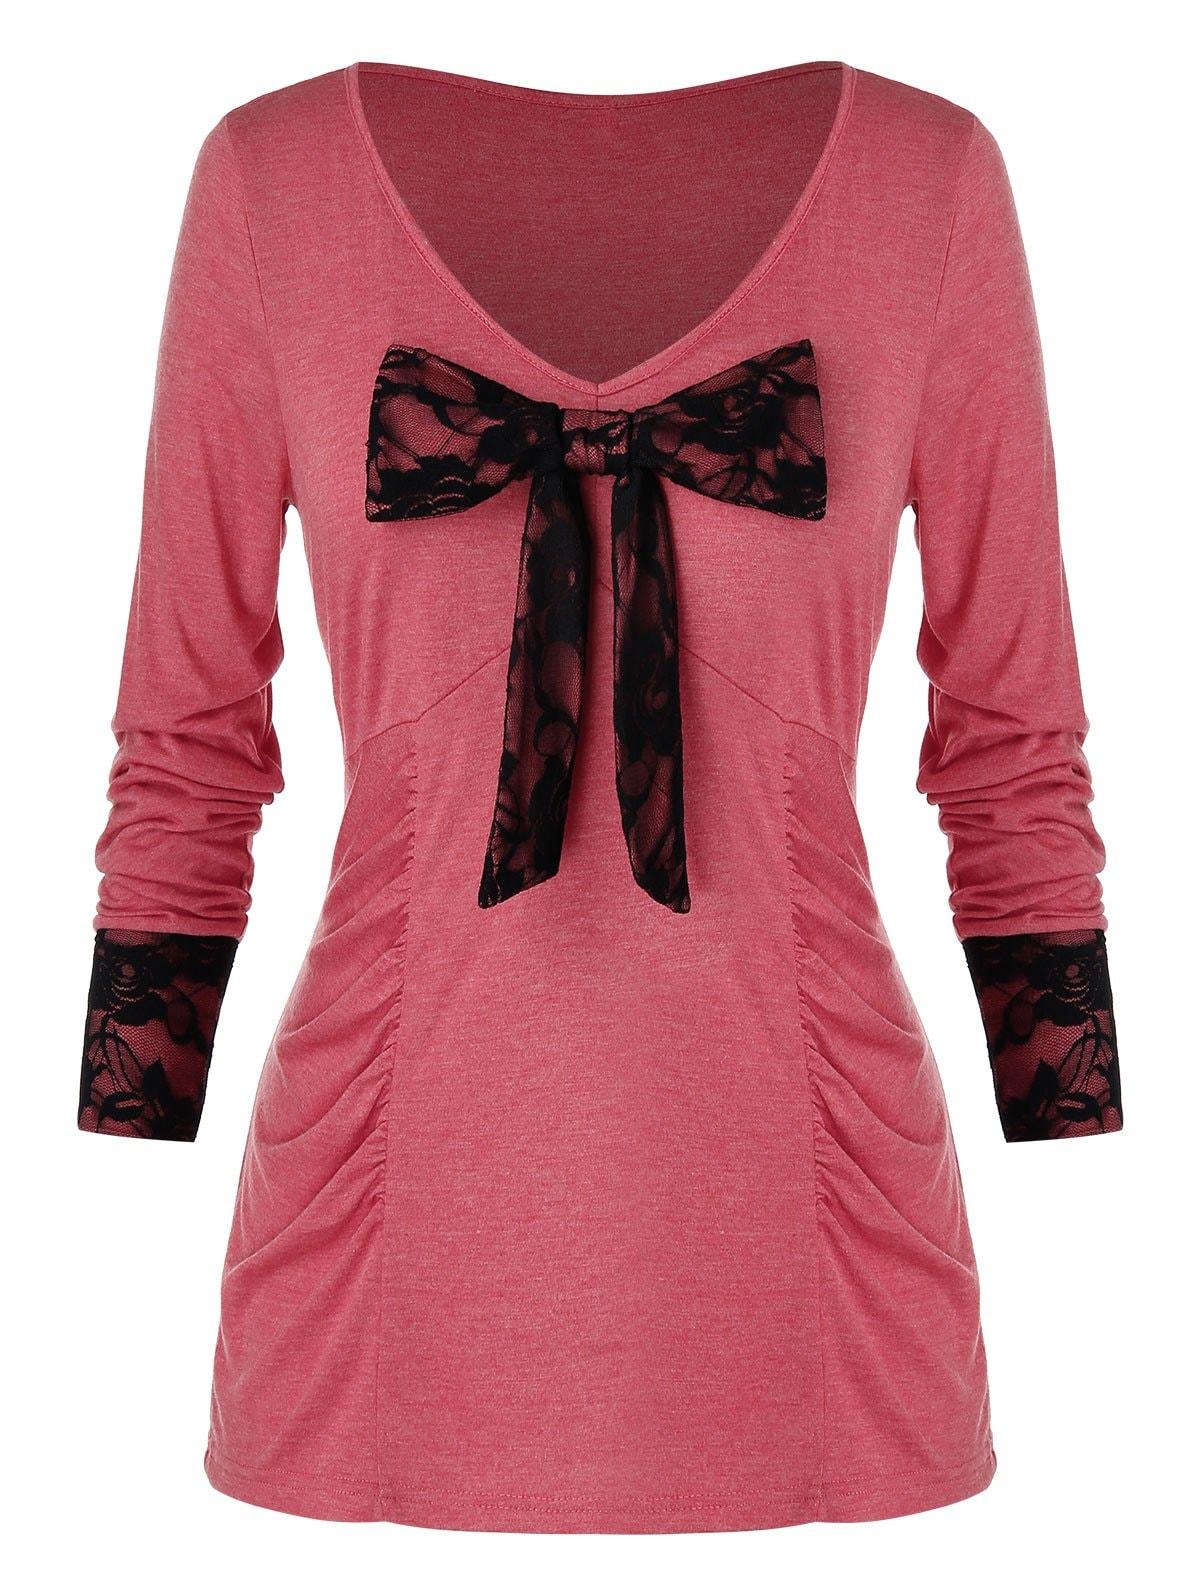 Plus Size Floral Lace Bowknot T-Shirt